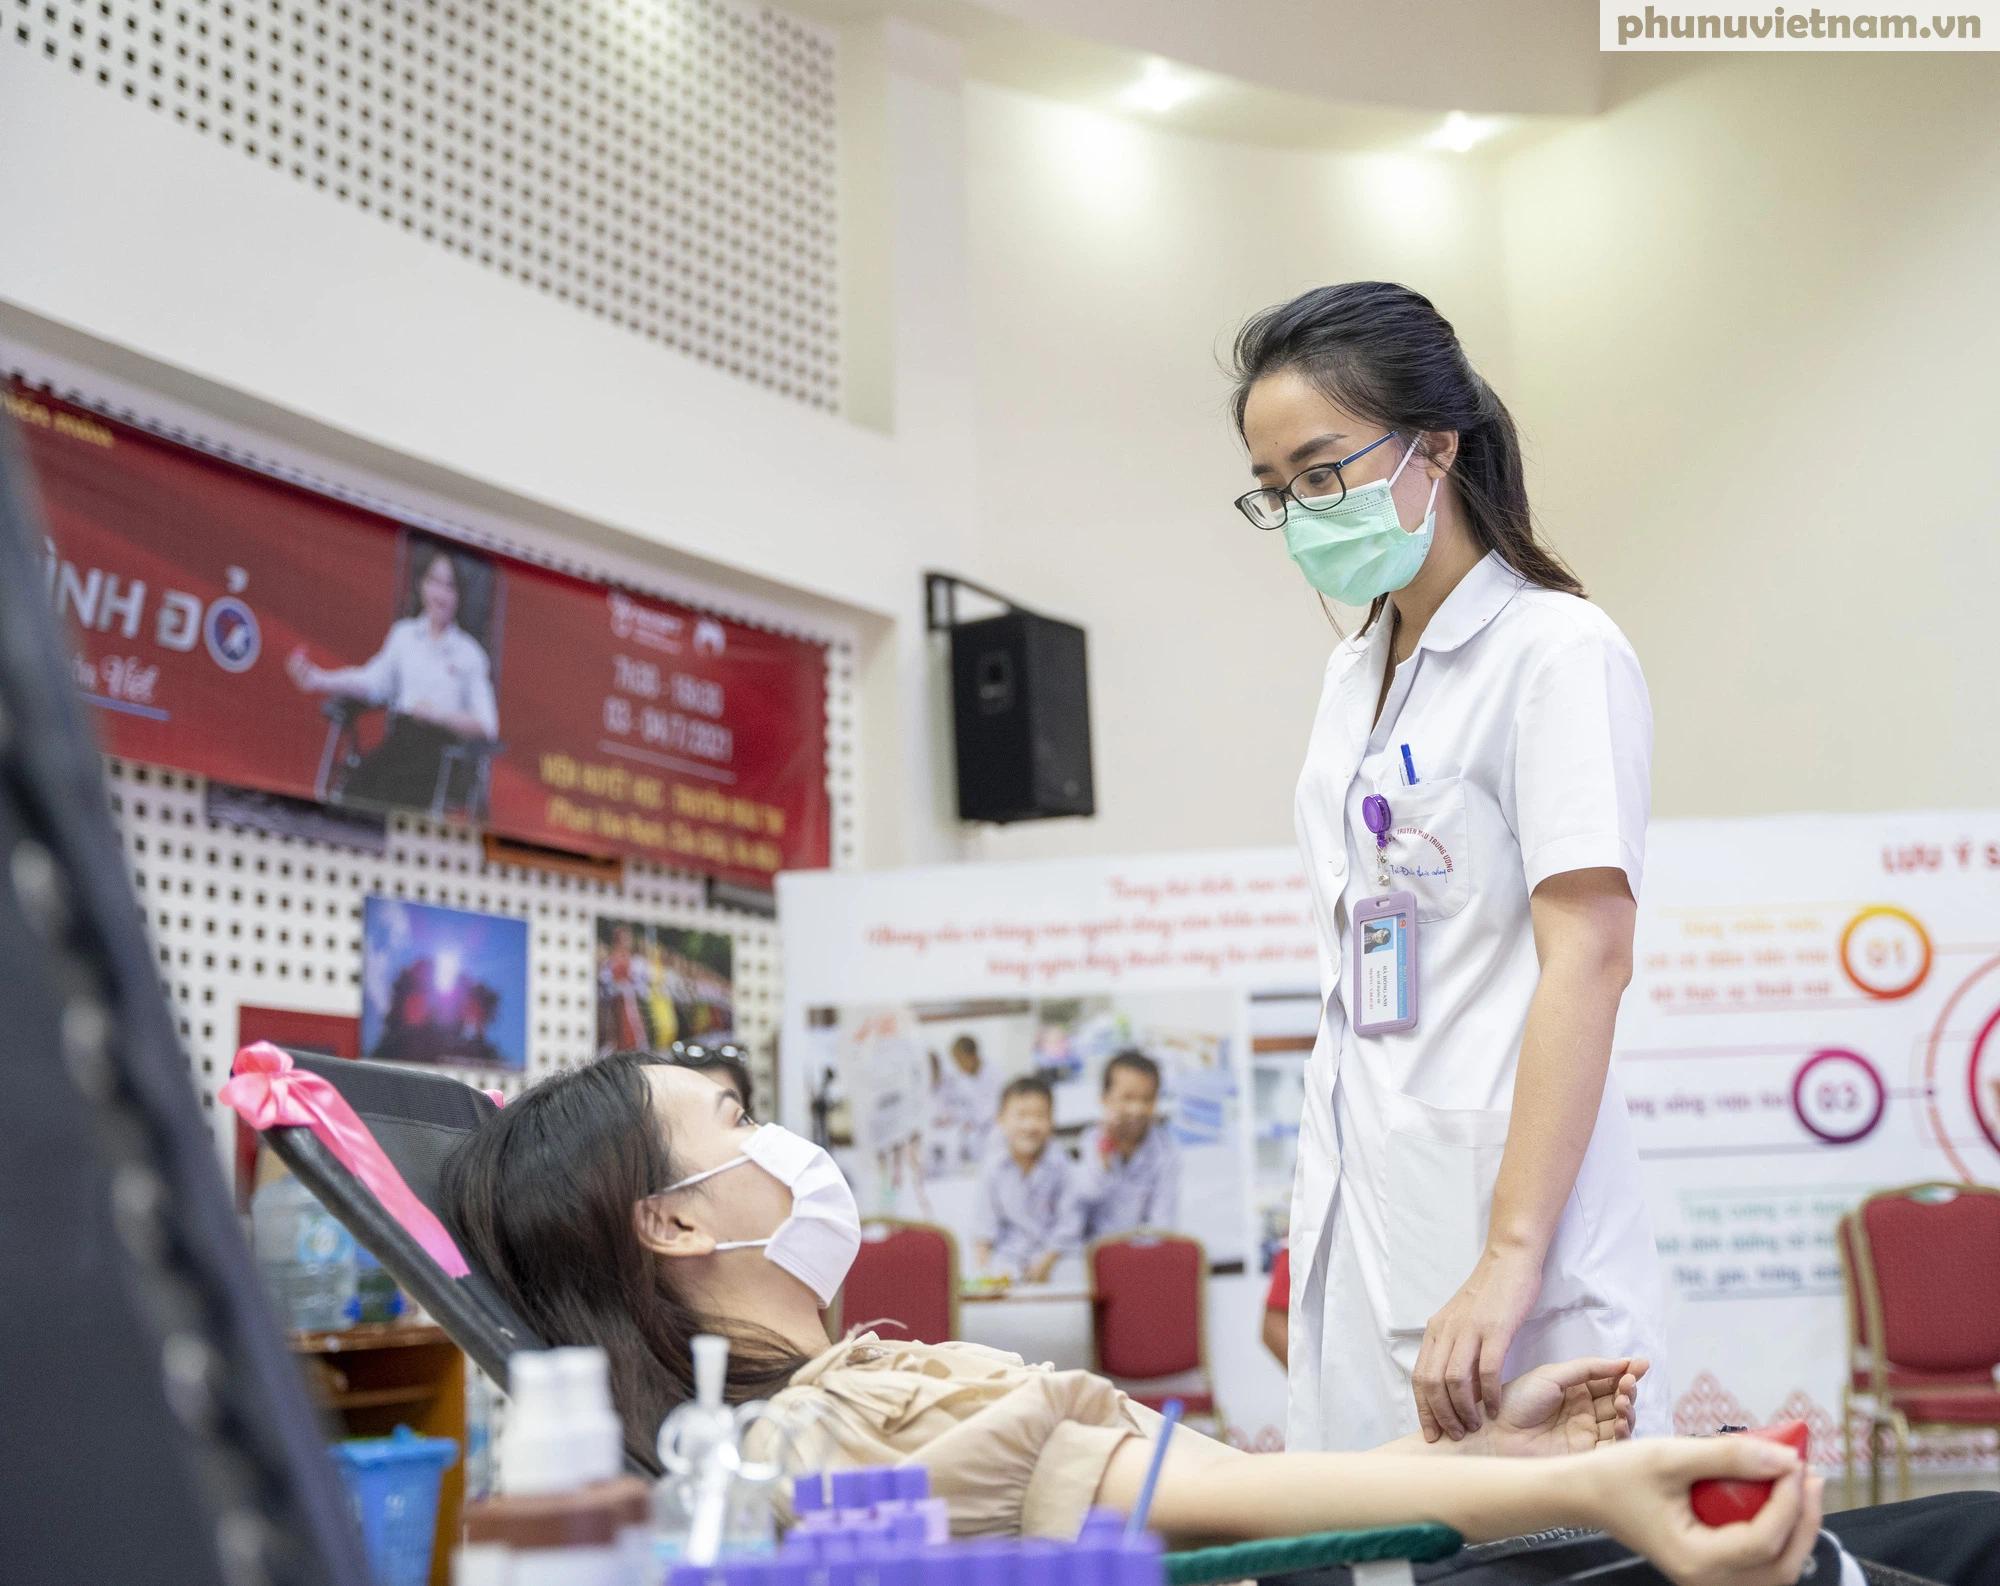 Nỗ lực tiếp nhận máu, cứu nguy cho các bệnh nhân cần máu trên cả nước - Ảnh 6.